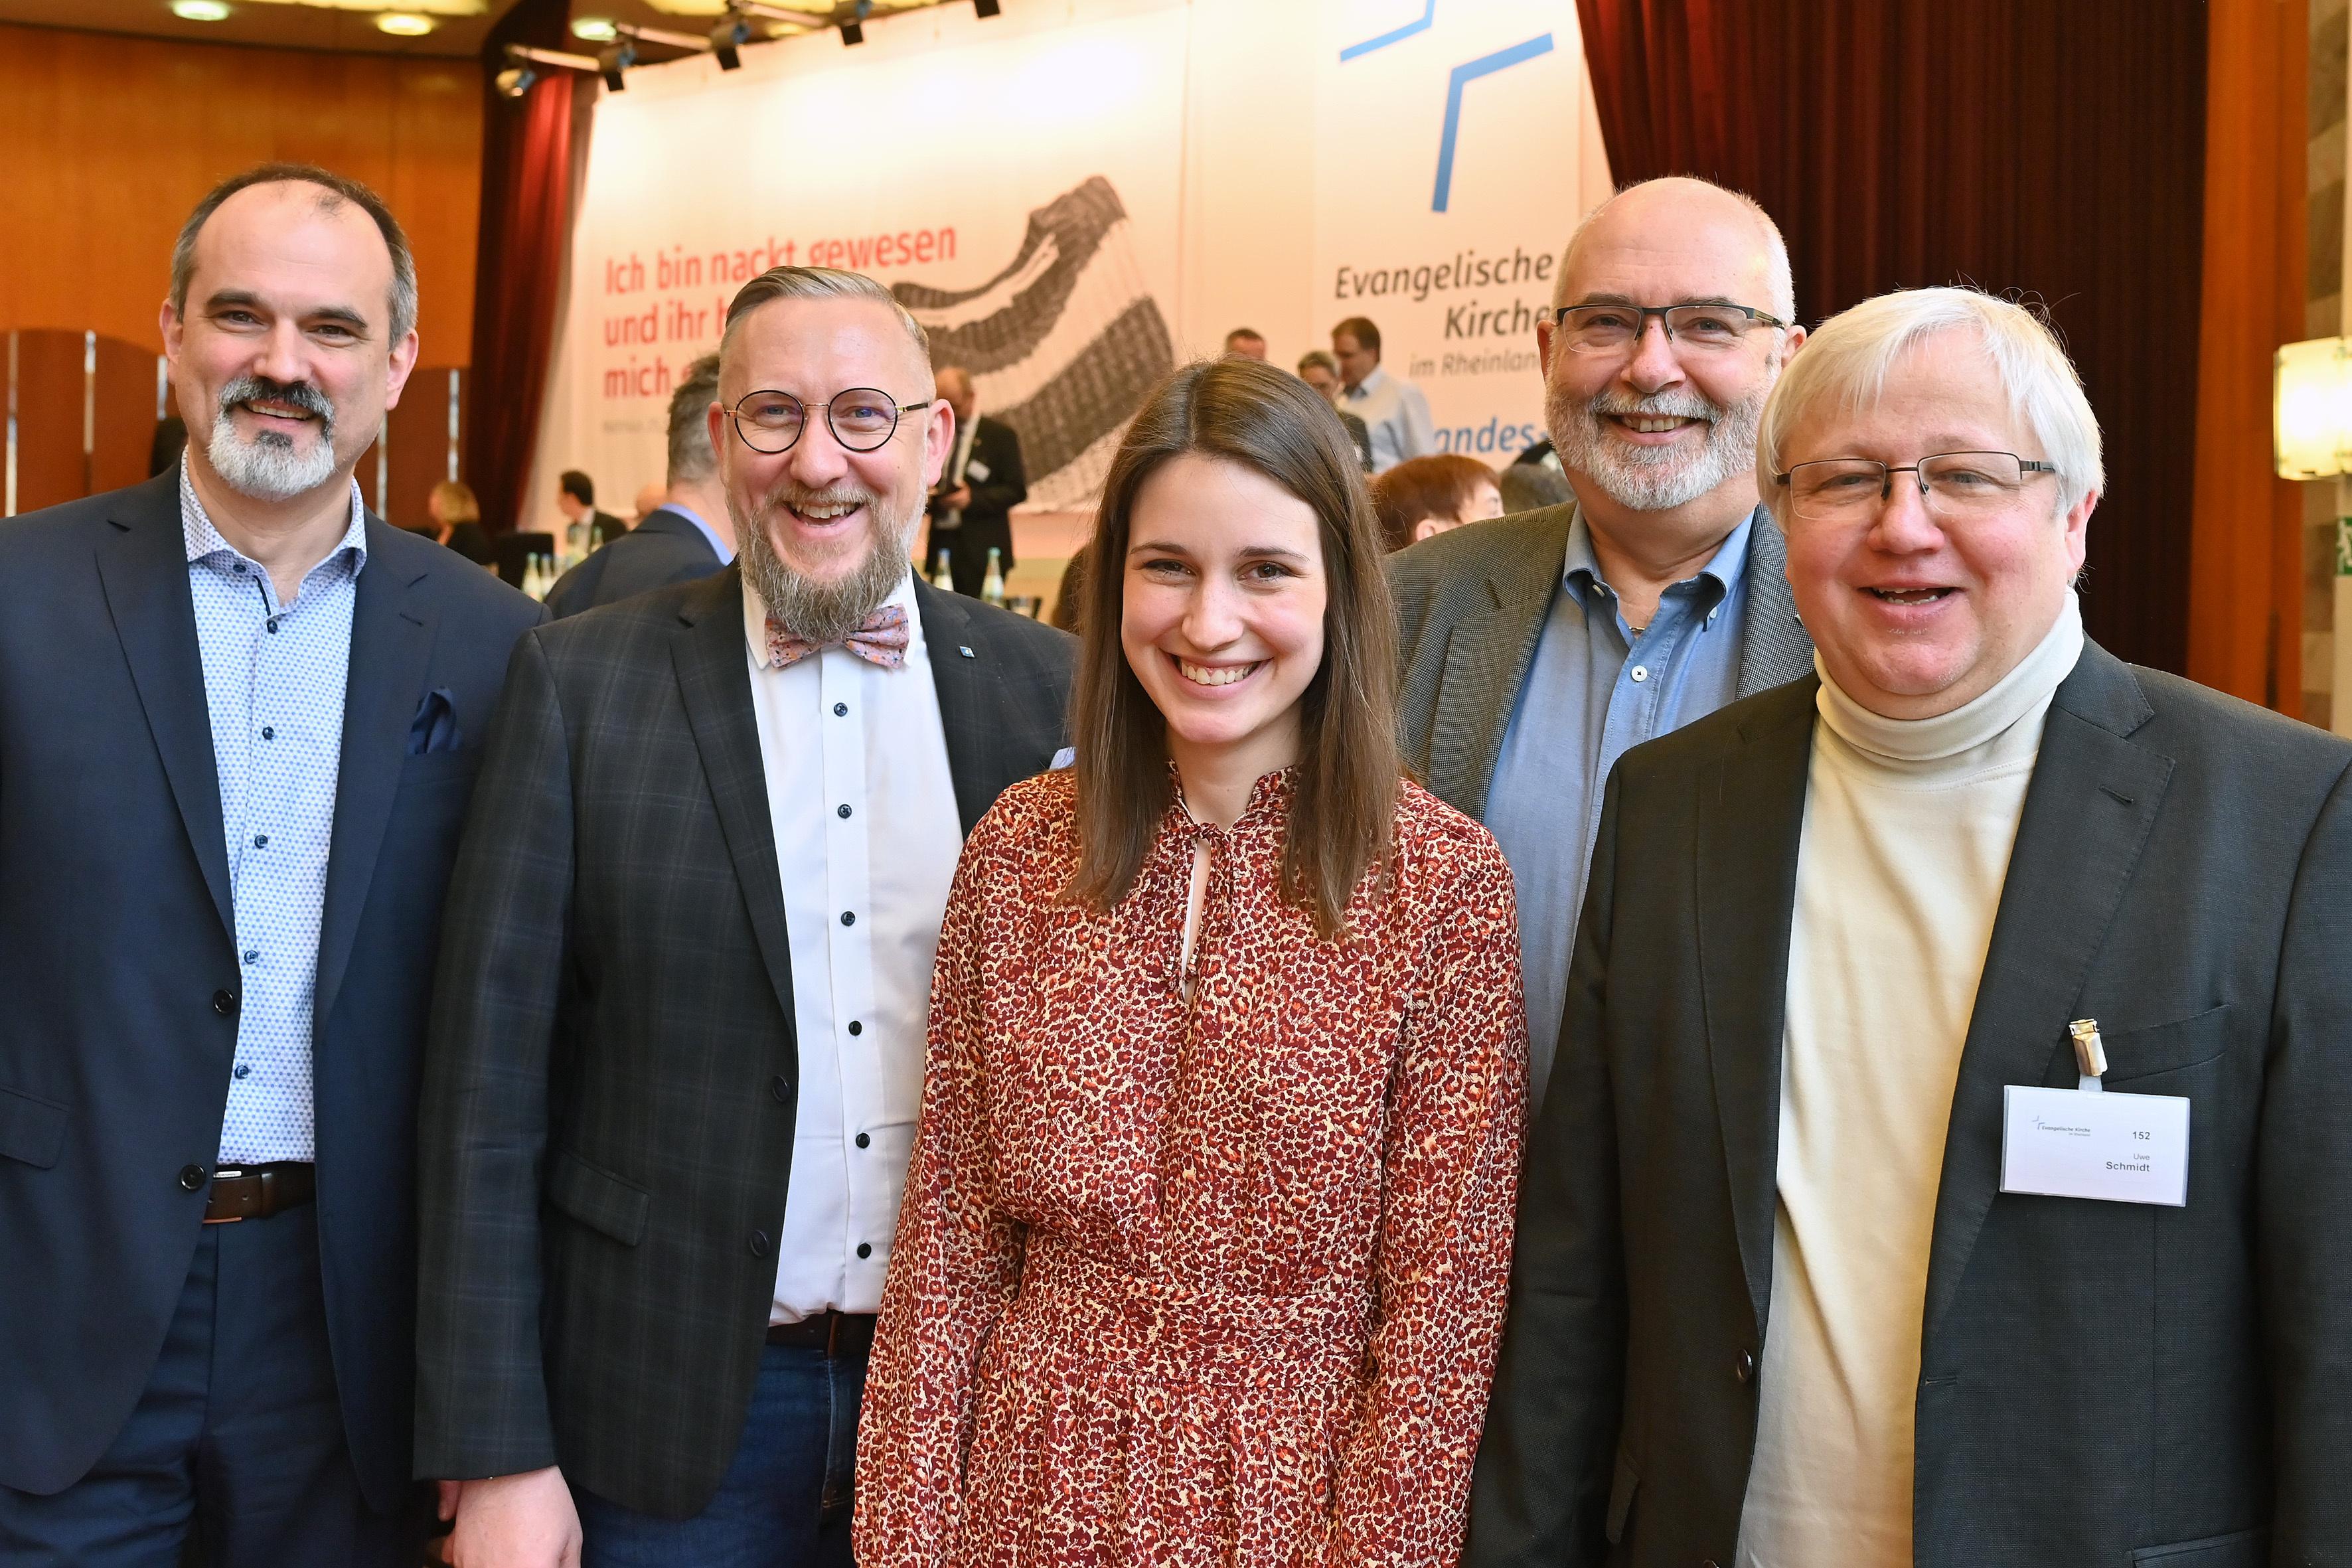 Die Delegation 2020: v.l.n.r. Markus Karsch, Oliver Kremp-Mohr, Wiebke Kopmeier, Udo Blank und Uwe Schmidt Foto Hans-Jürgen Vollrath